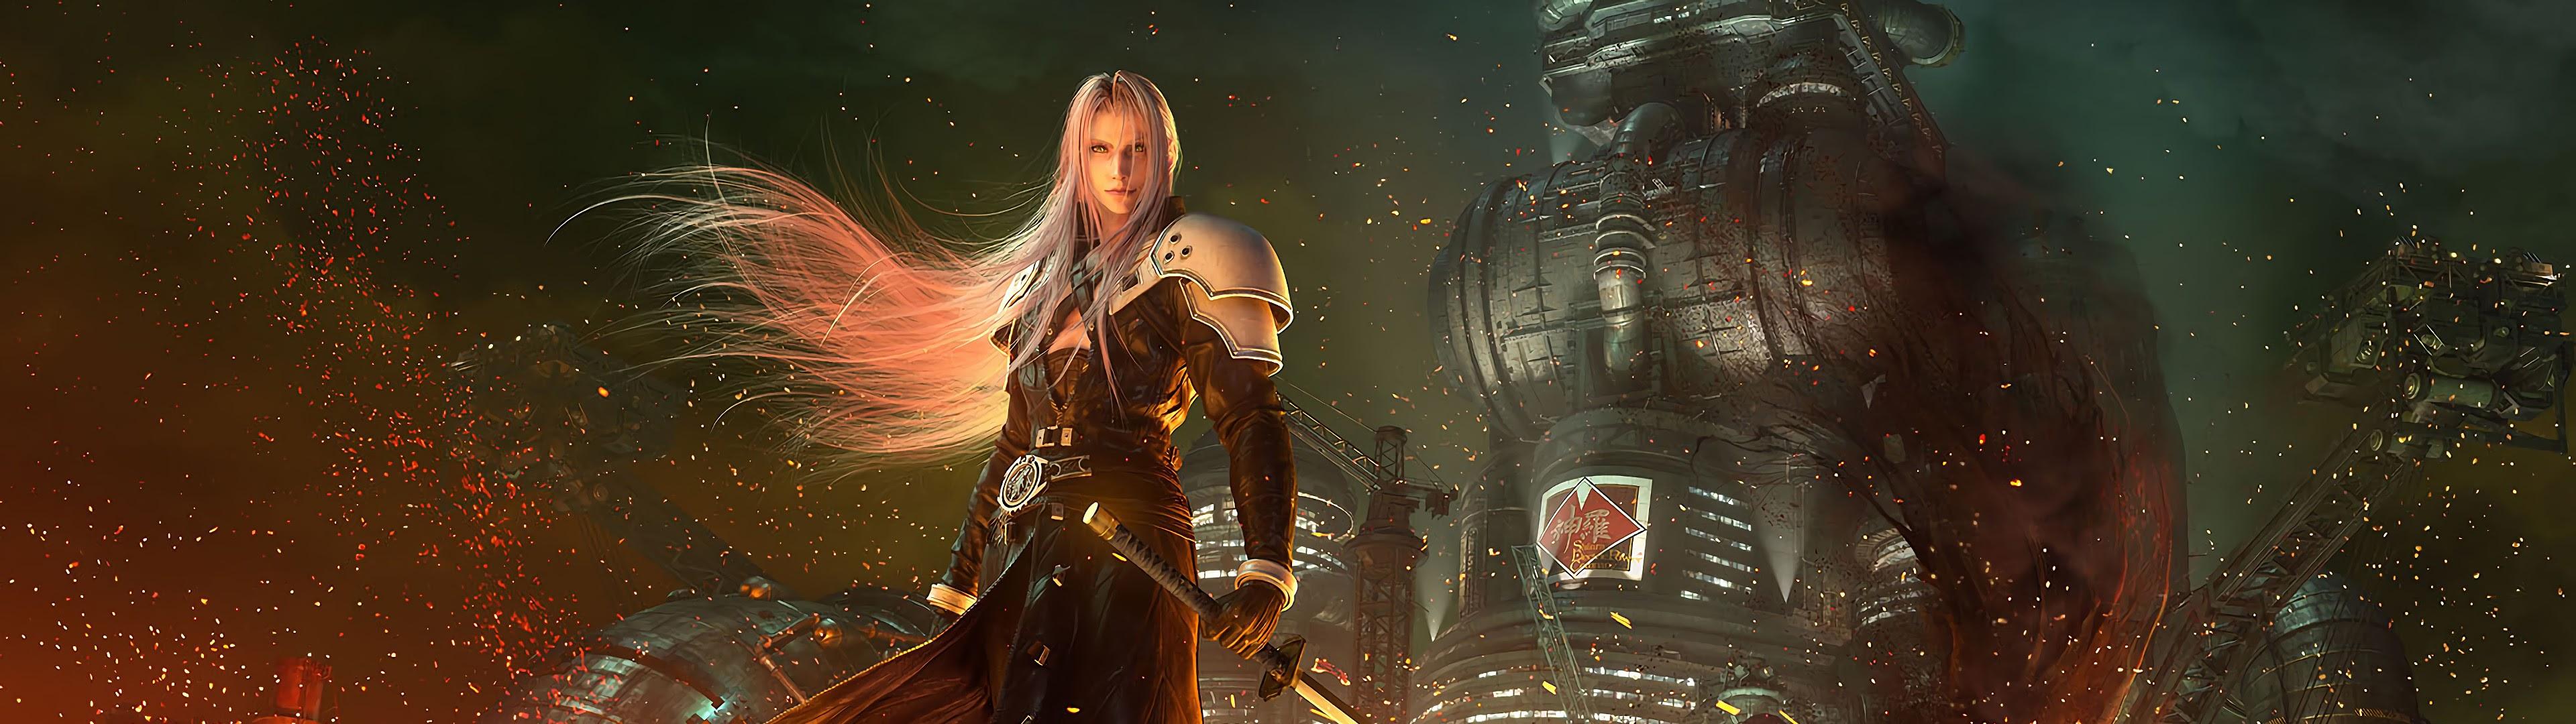 Sephiroth Final Fantasy 7 Remake 4k Wallpaper 29